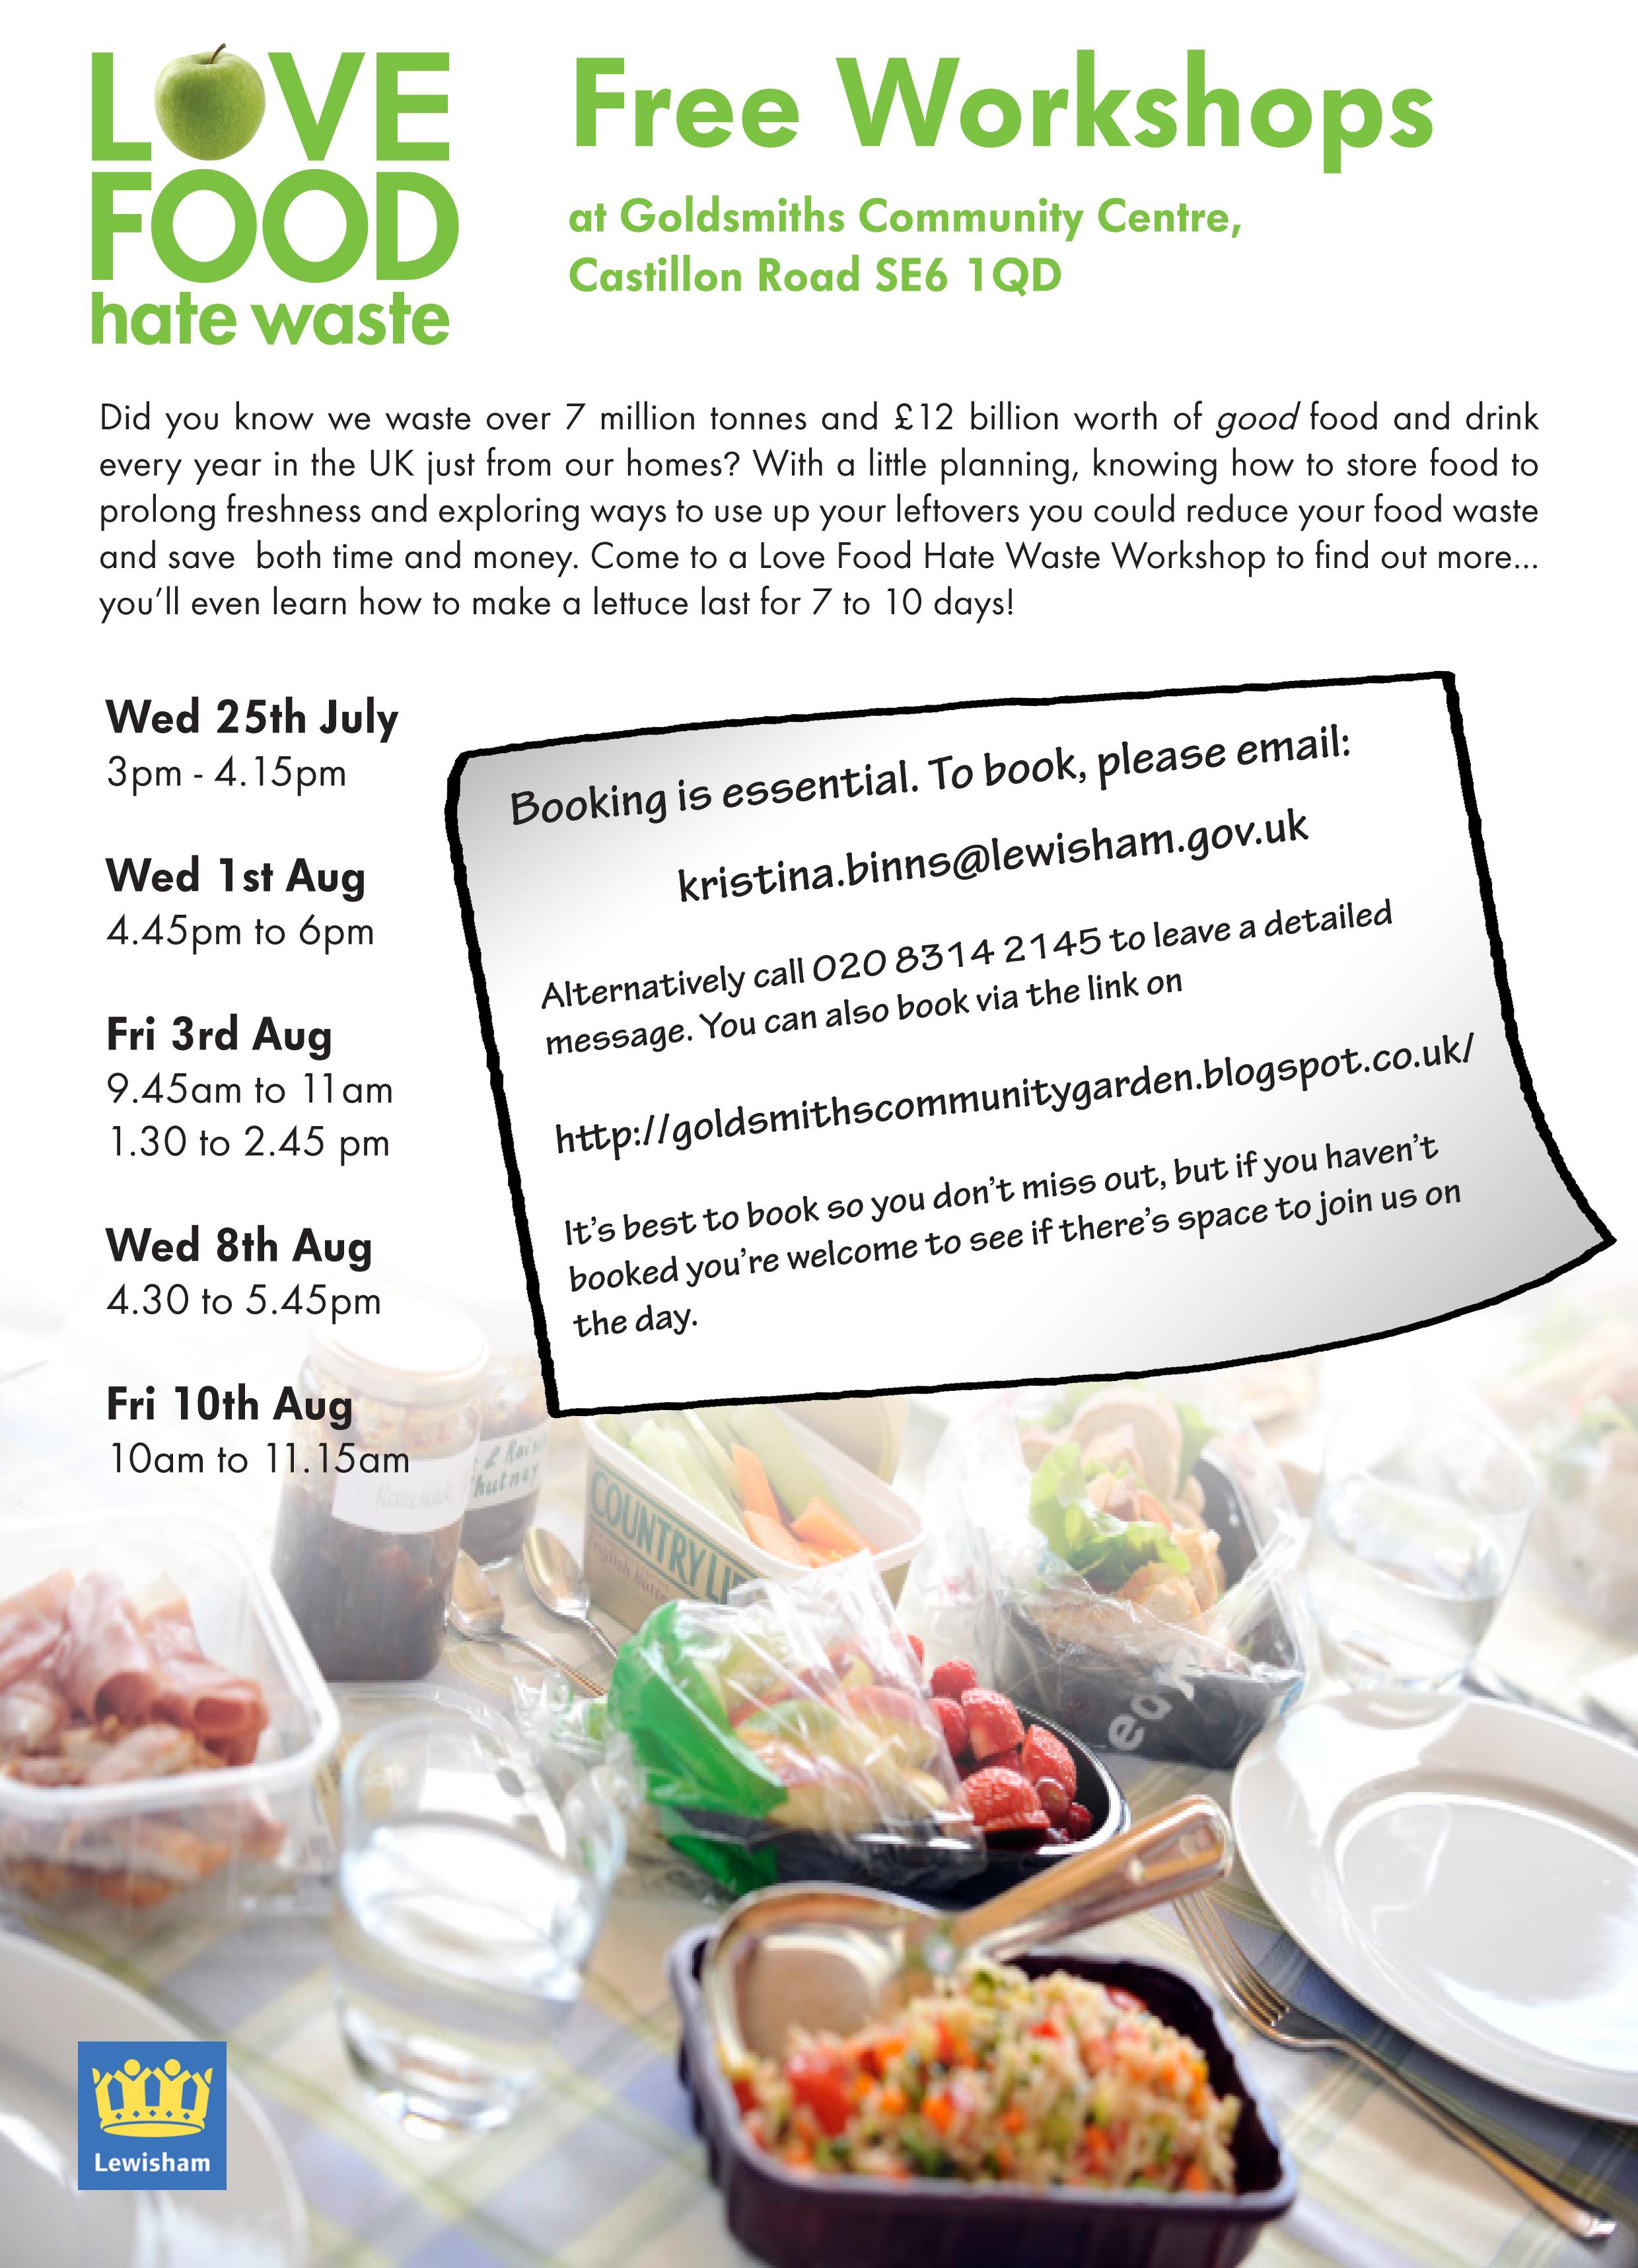 Food waste recycle for lewisham love food hate waste forumfinder Gallery